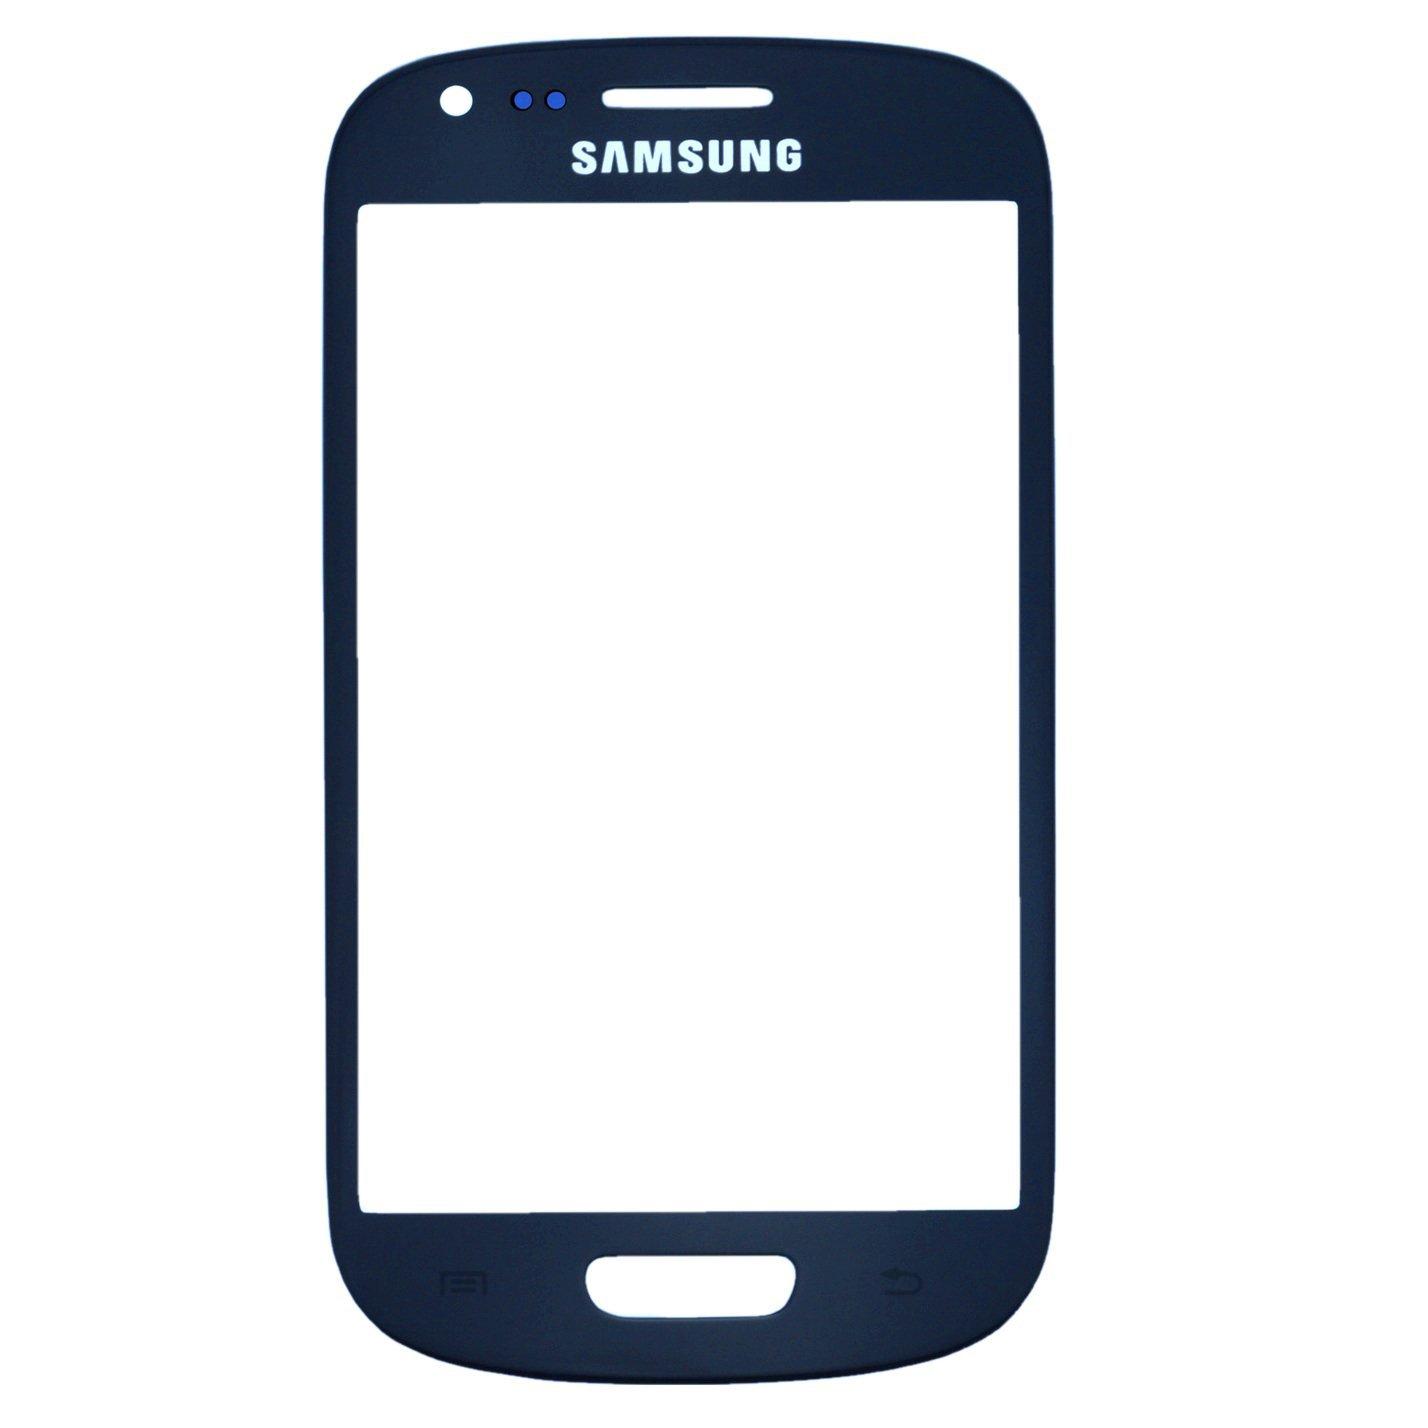 شیشه تاچ گوشی مدل I8190-DB-WTO مناسب برای گوشی موبایل سامسونگ Galaxy S3 Mini                     غیر اصل